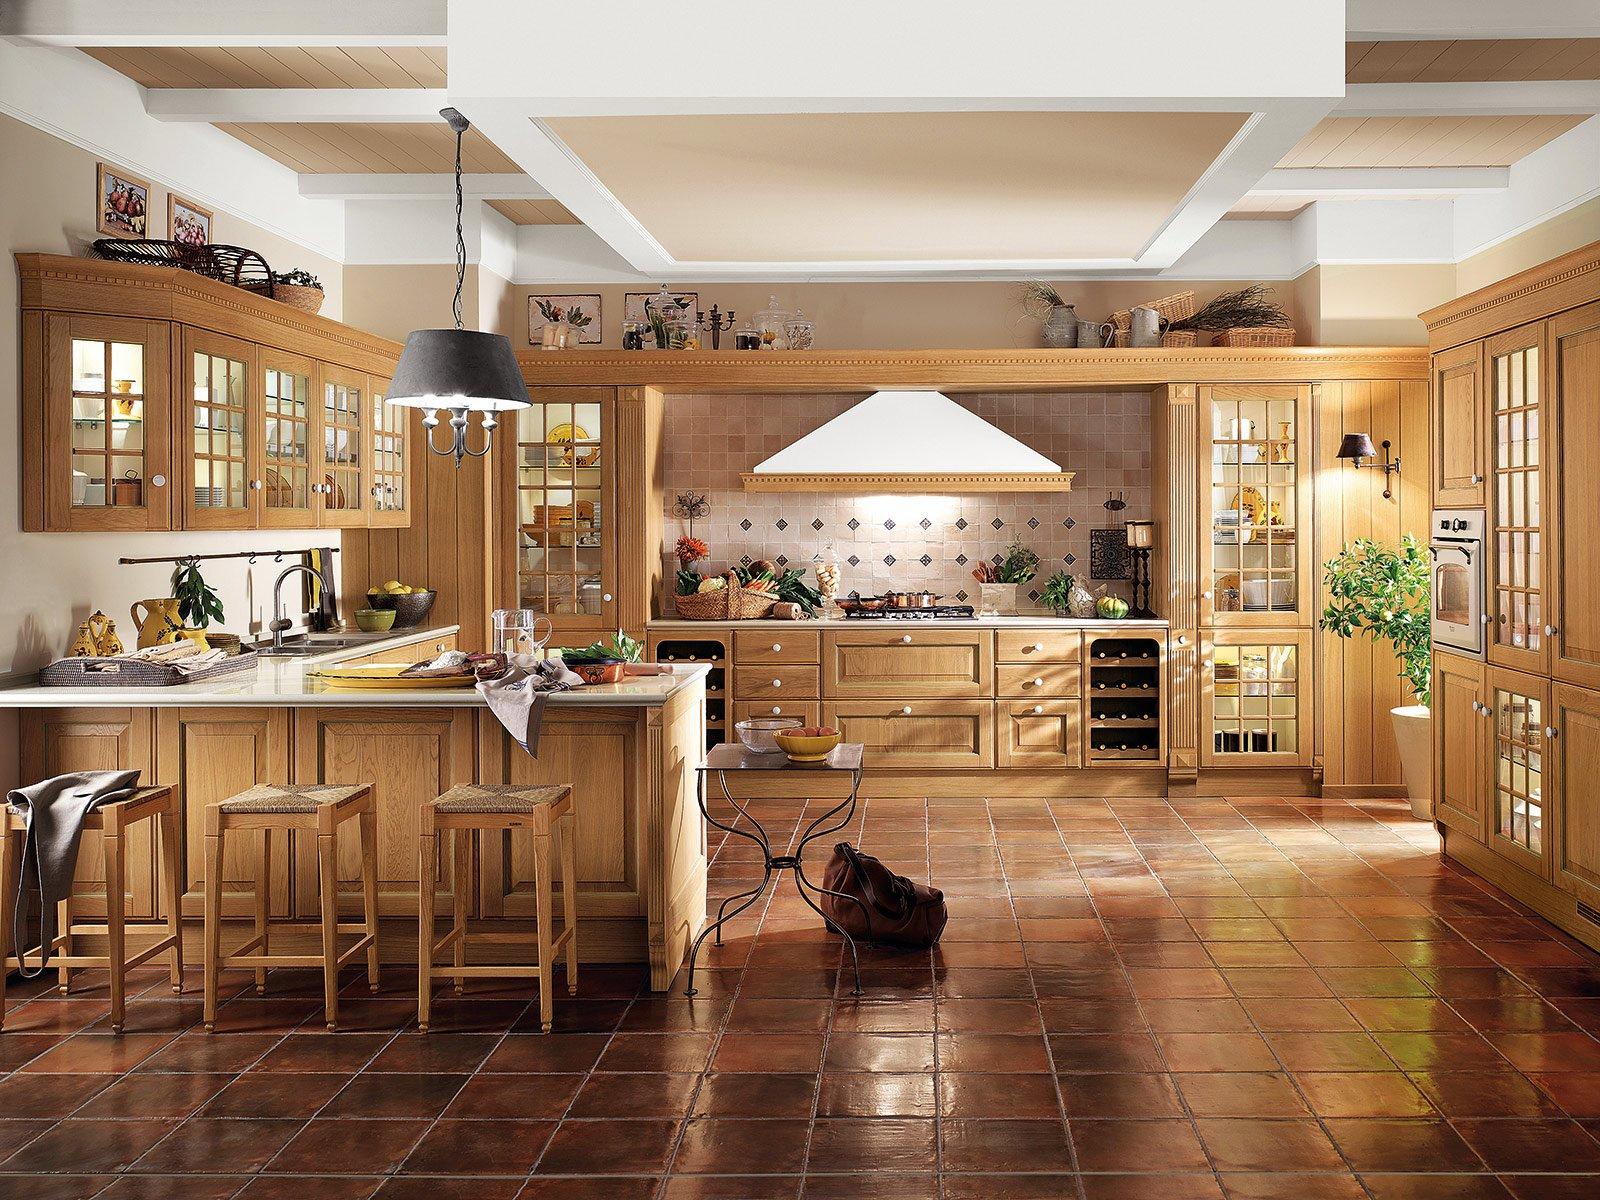 Cucina con penisola il modulo formato da un pensile e una for Case americane interni